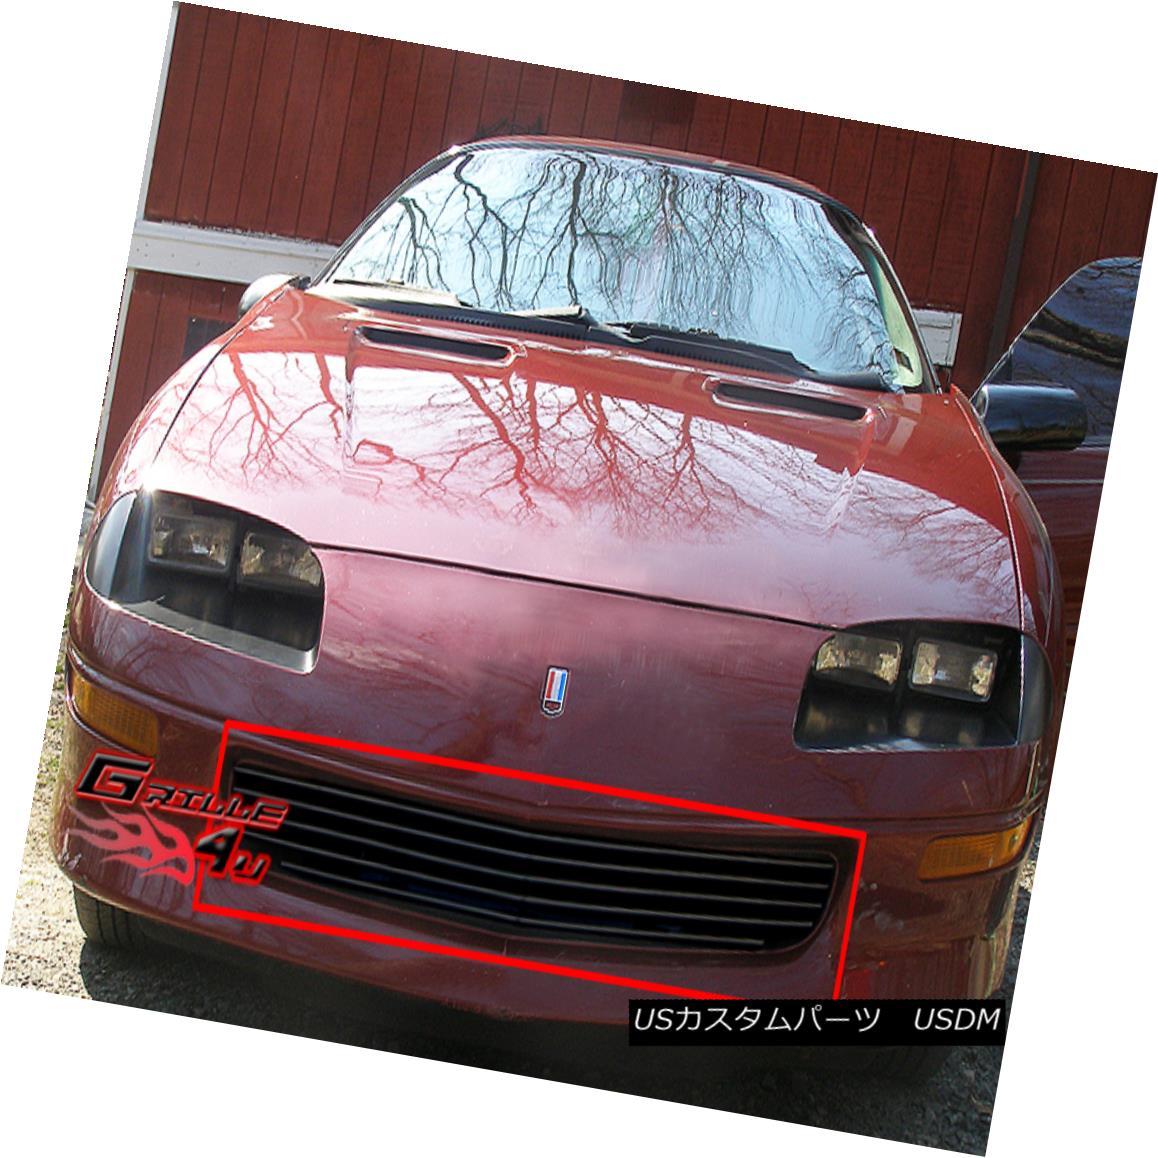 グリル Fits 93-97 Chevy Camaro Black Main Upper Billet Grille Insert フィット93-97 Chevy Camaro Blackメインアッパービレットグリルインサート